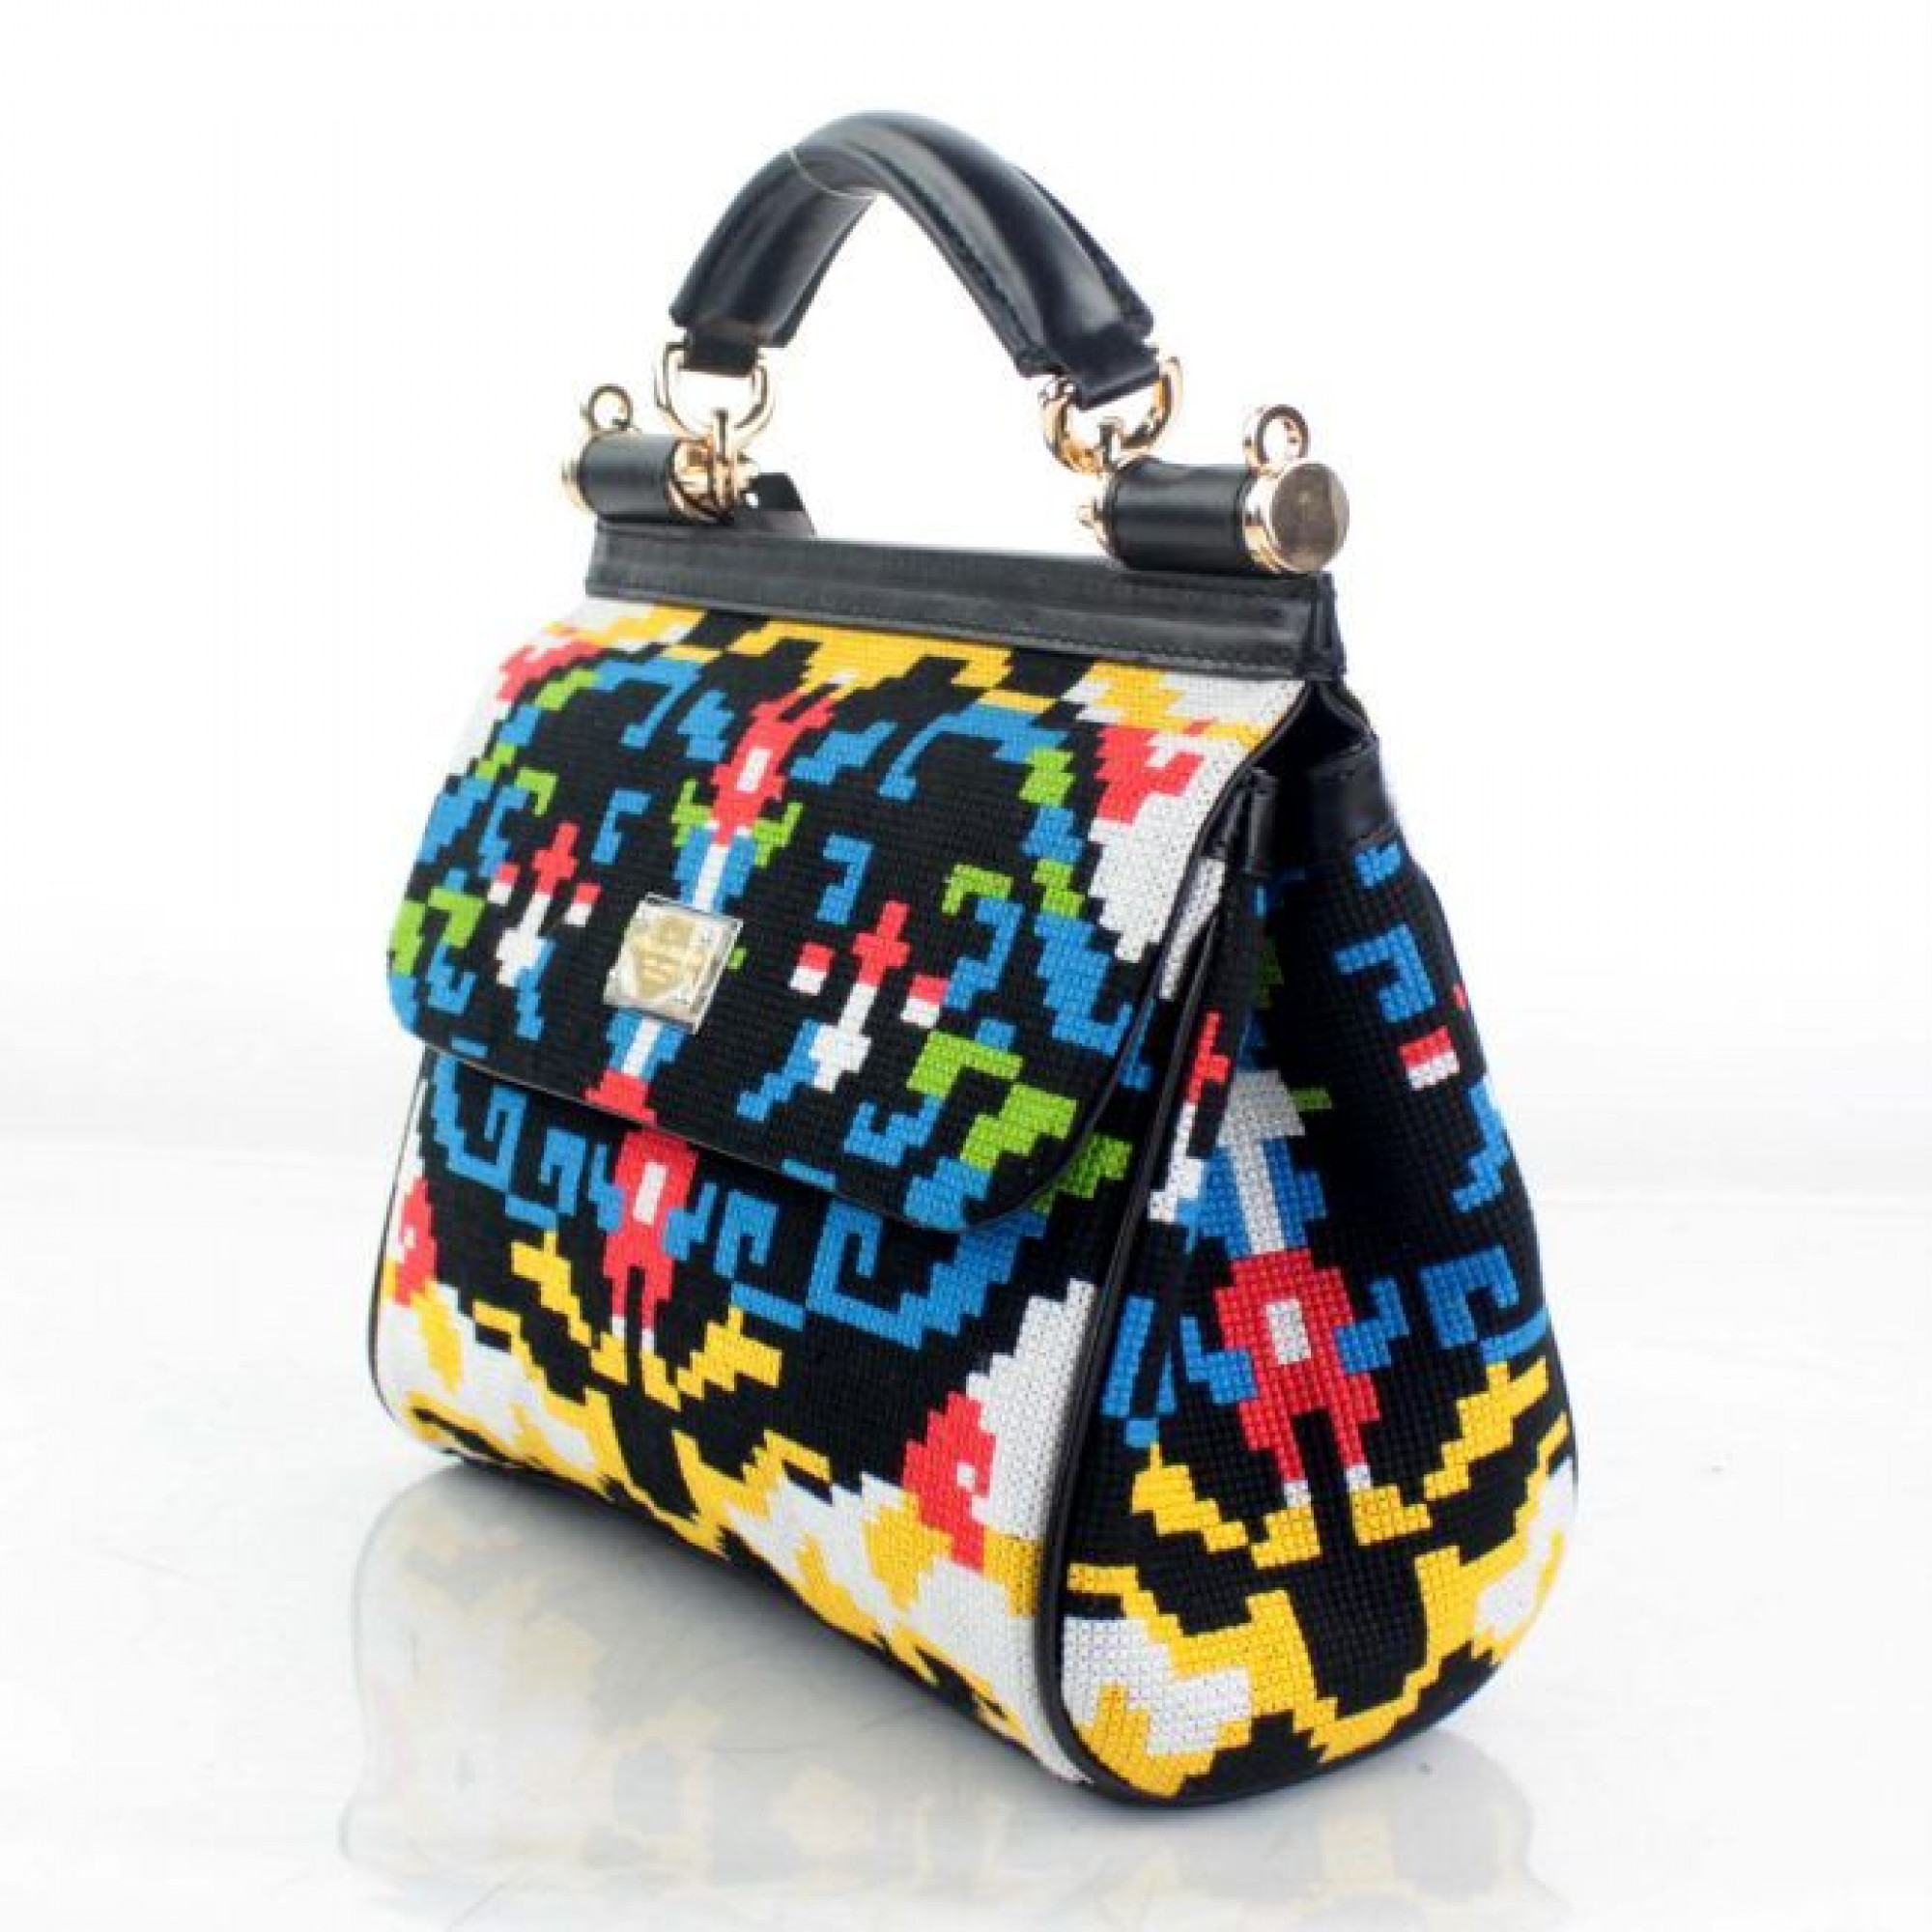 Сумка с вышивкой дольче габбана копия - Клатчи - Женские сумки